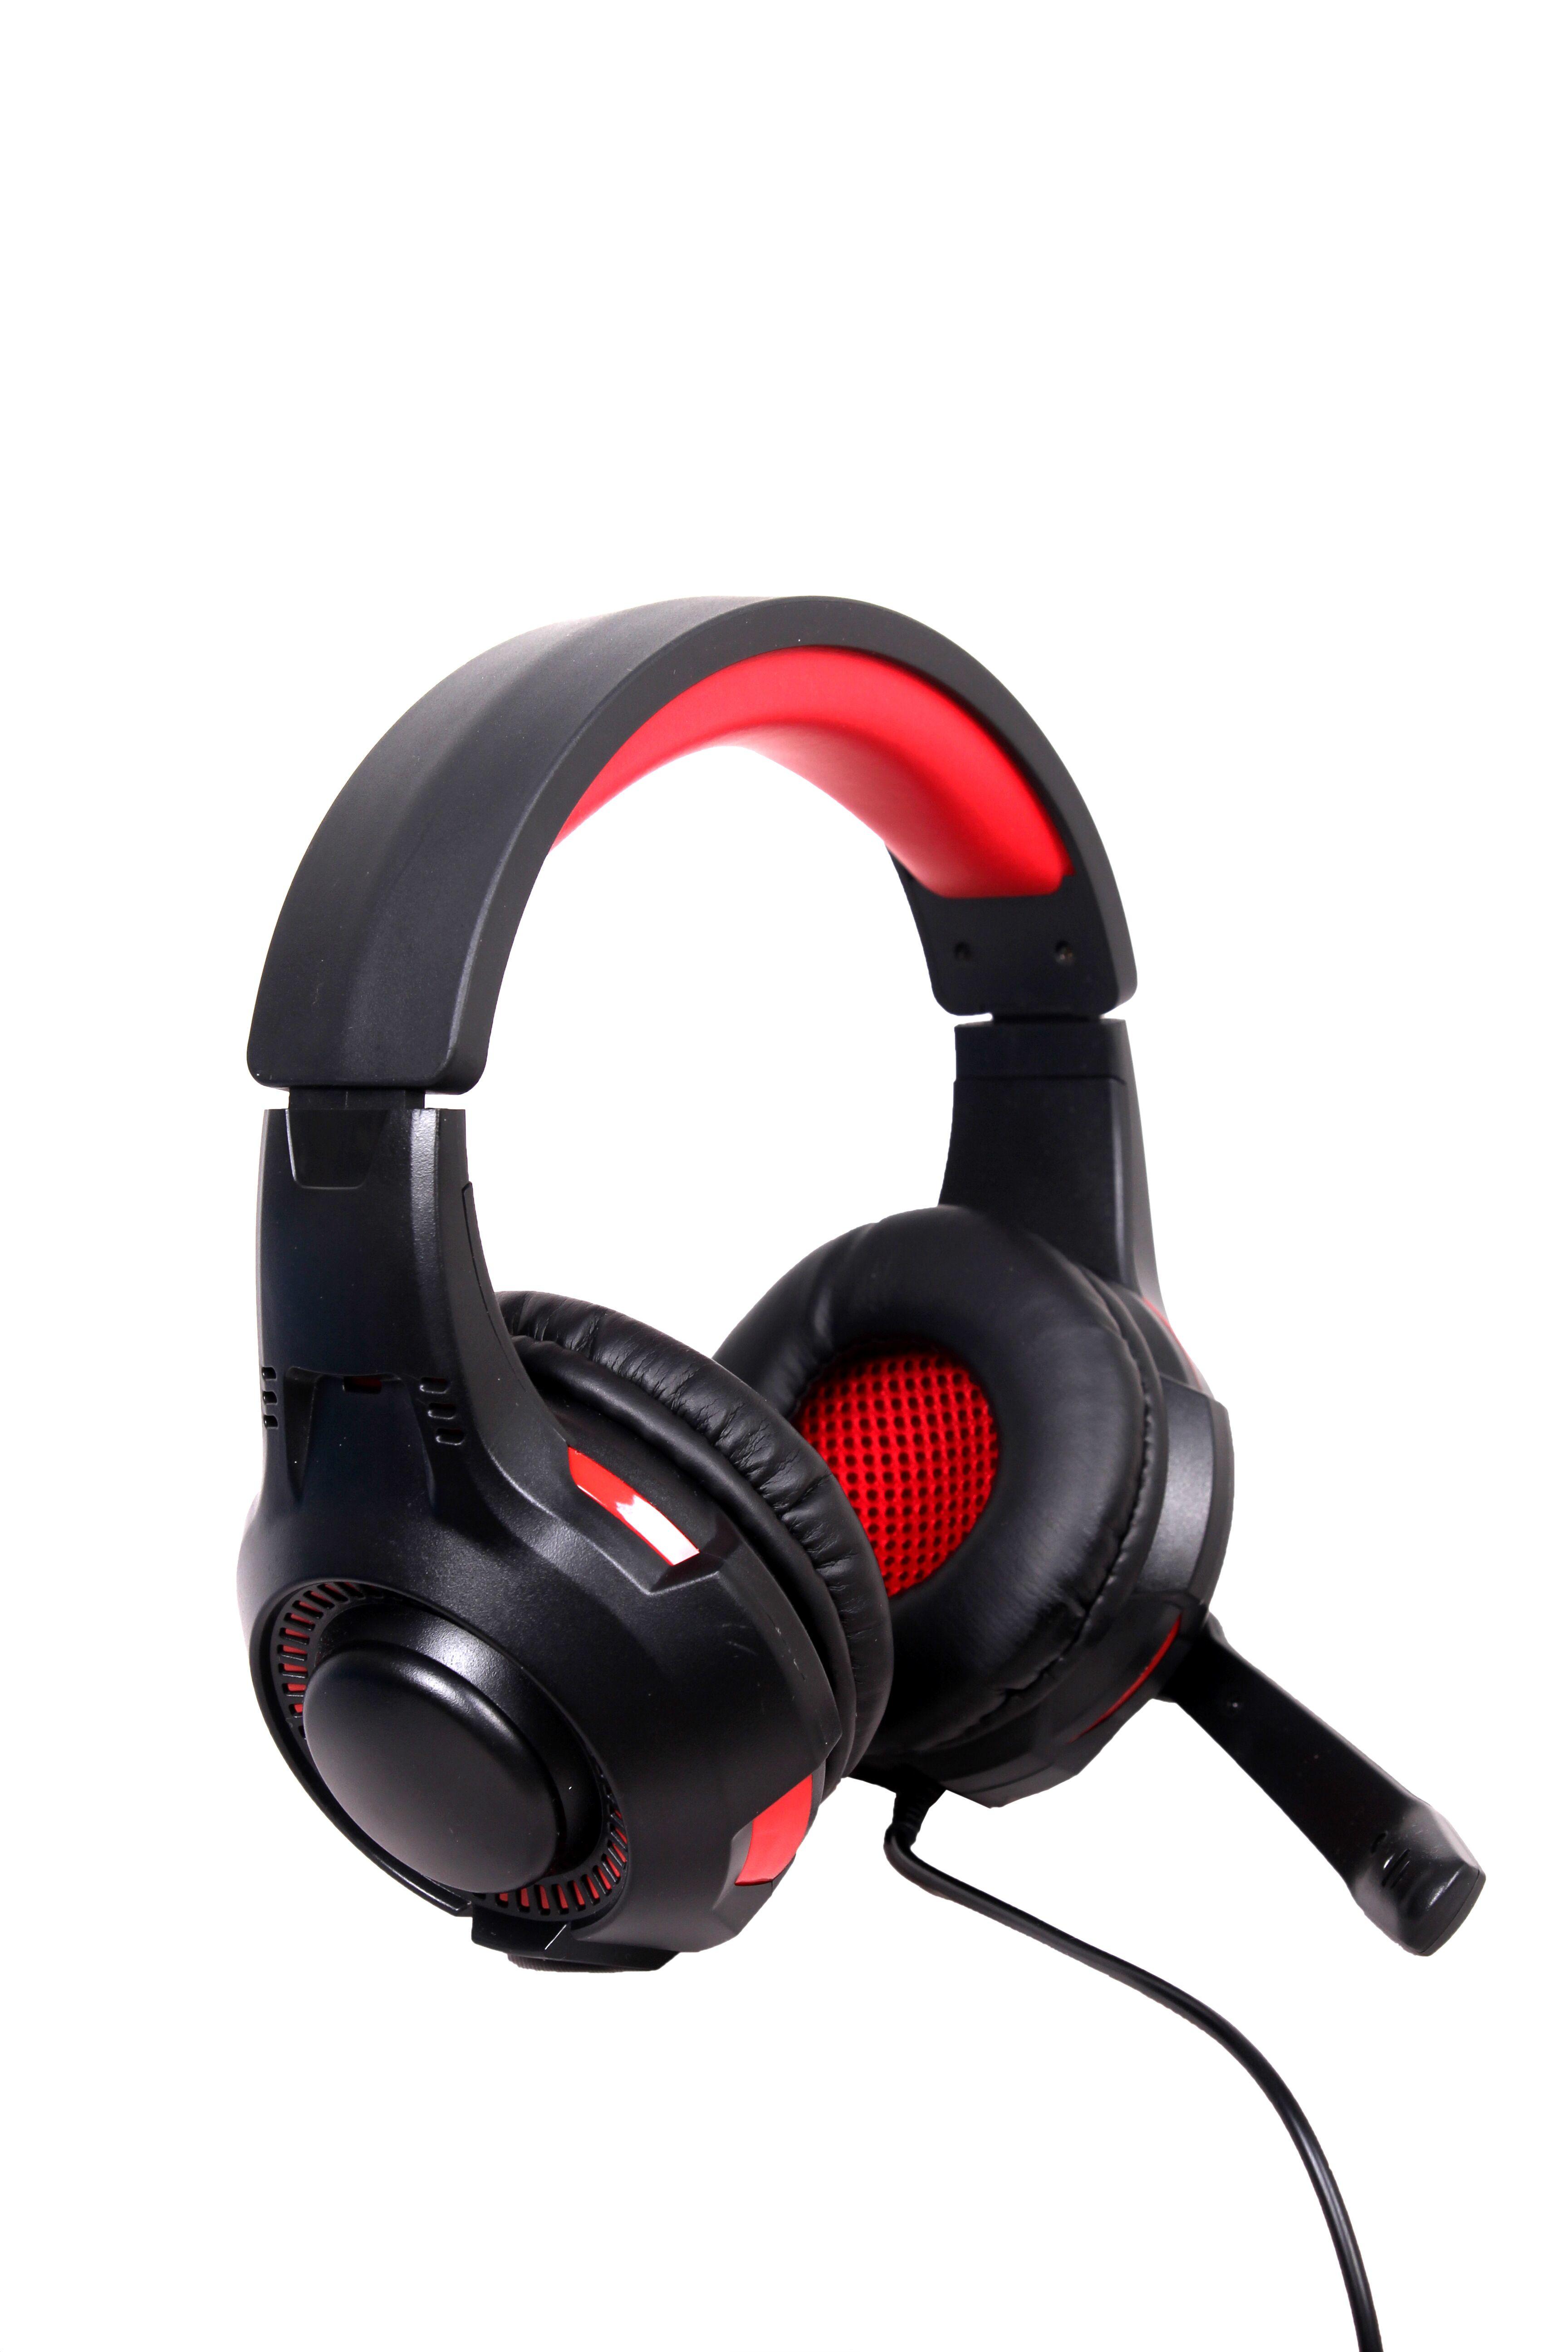 Gembird GHS-U-5.1-01 - Kopfhörer - Gaming - Binaural - SCR-Steuereinheit